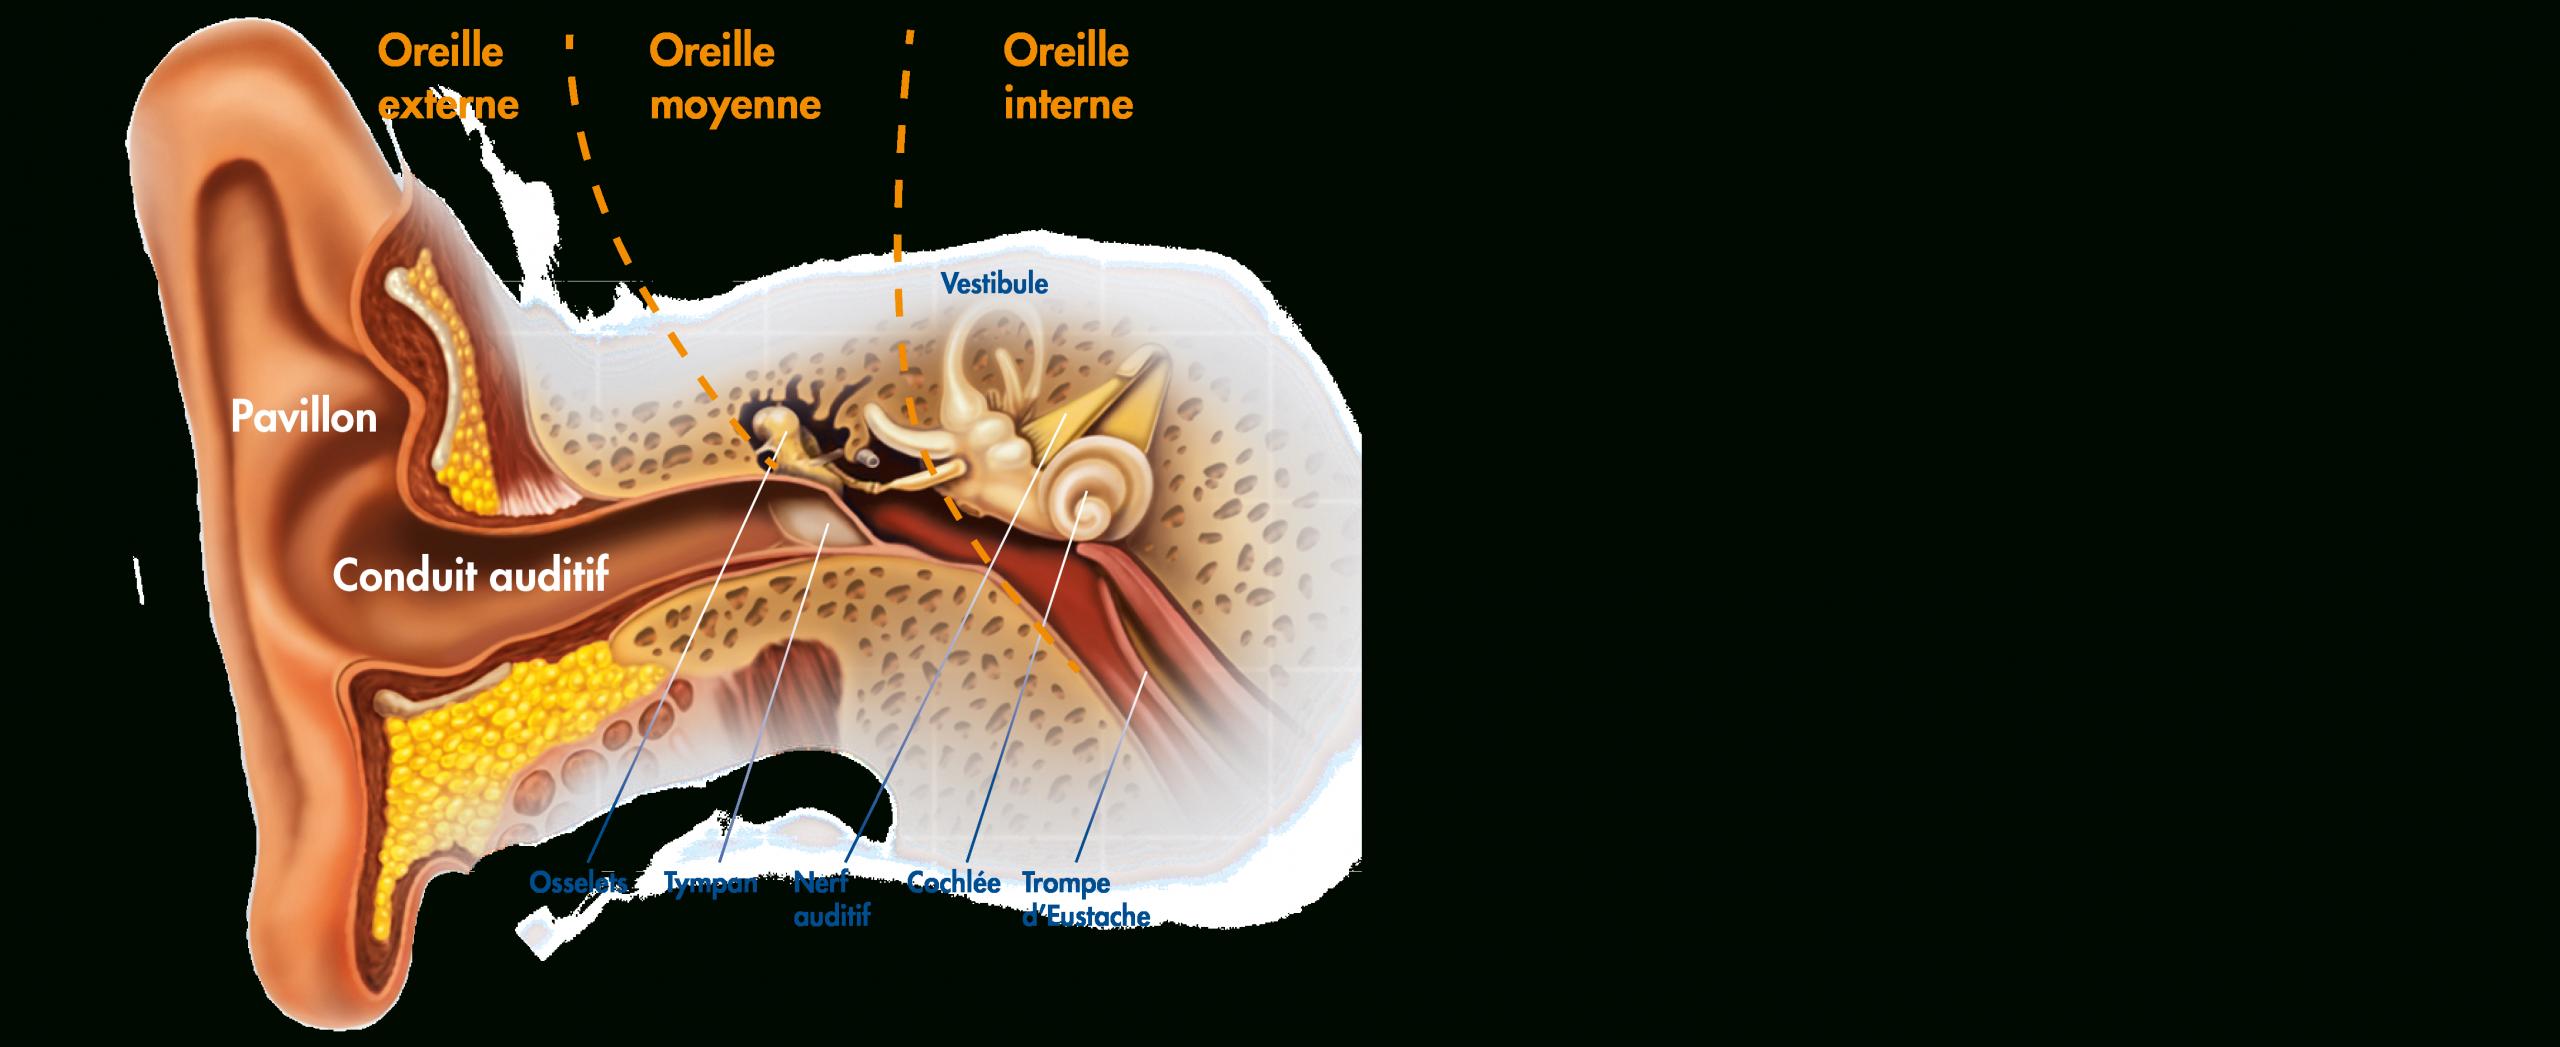 L'intérêt Du Lavage Des Oreilles intérieur Oreille Bouchée Piscine